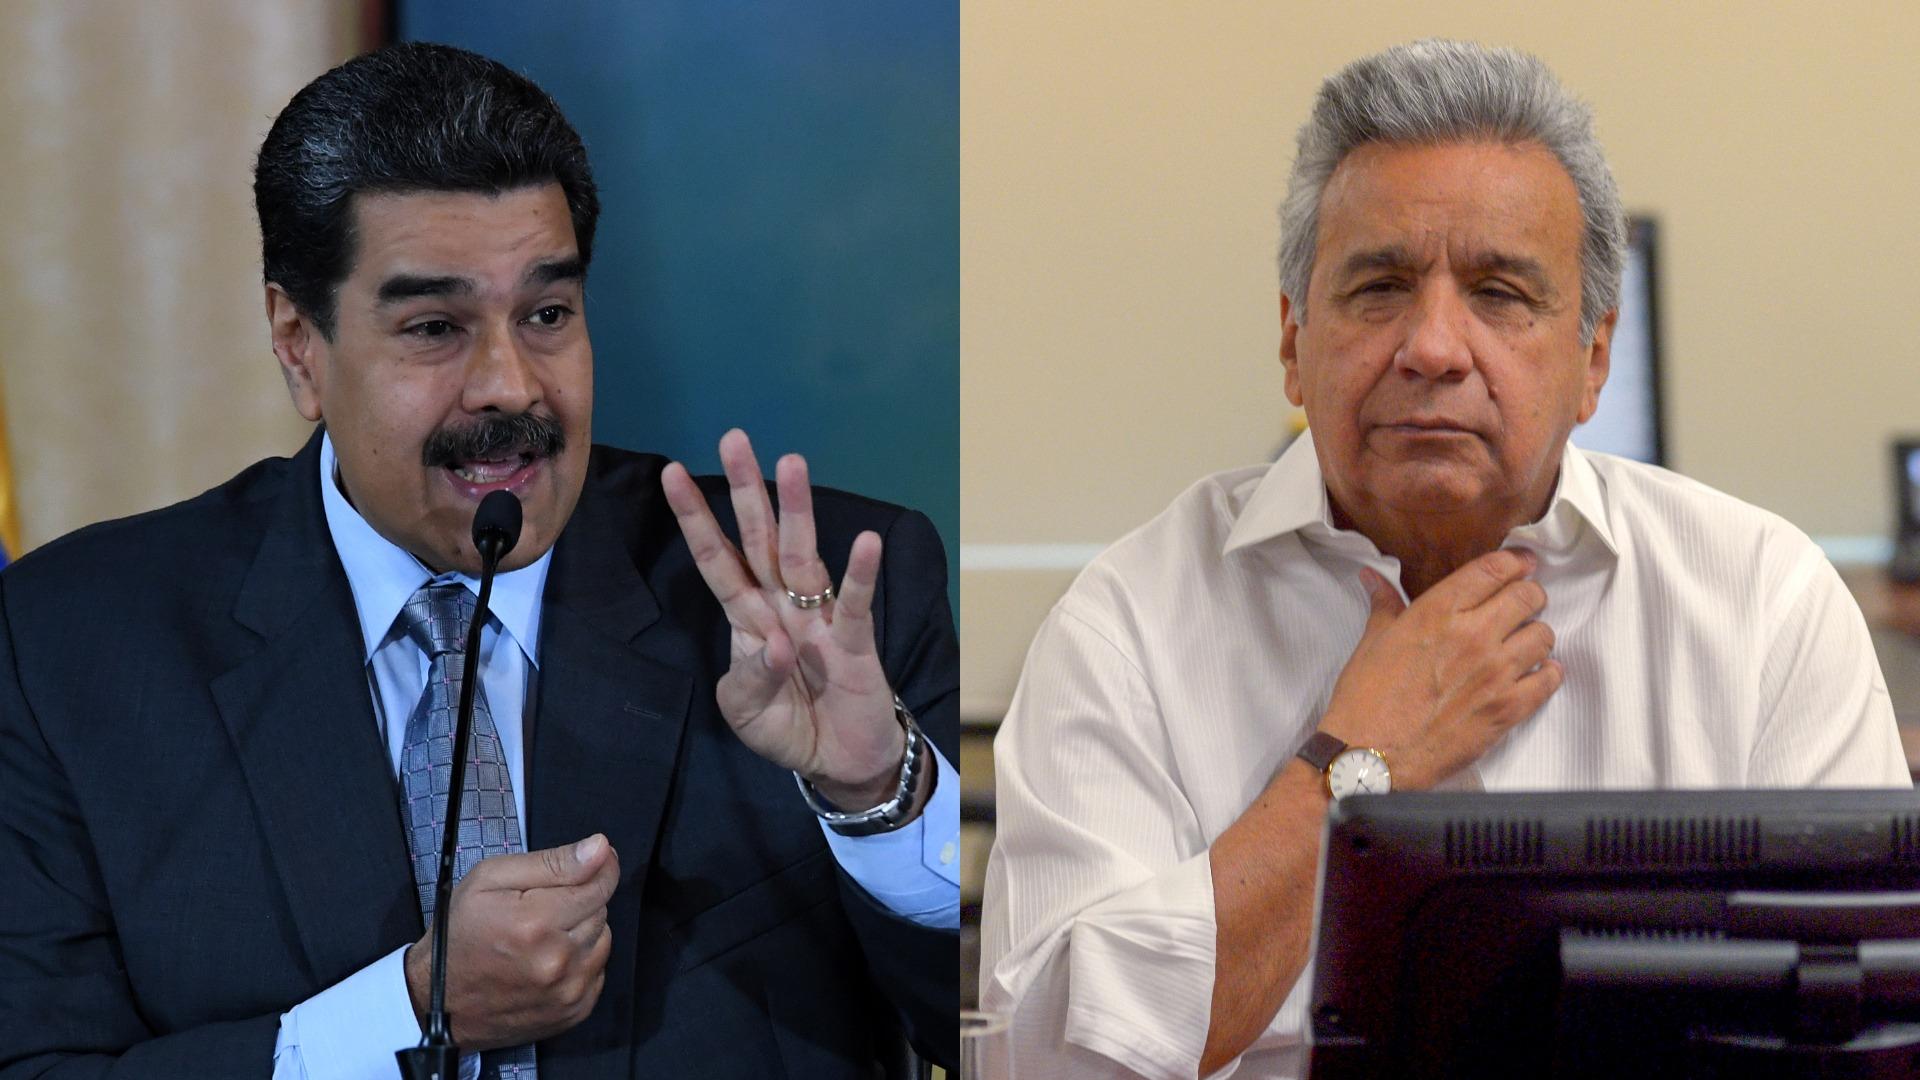 Nicolás Maduro se burla de Lenín Moreno